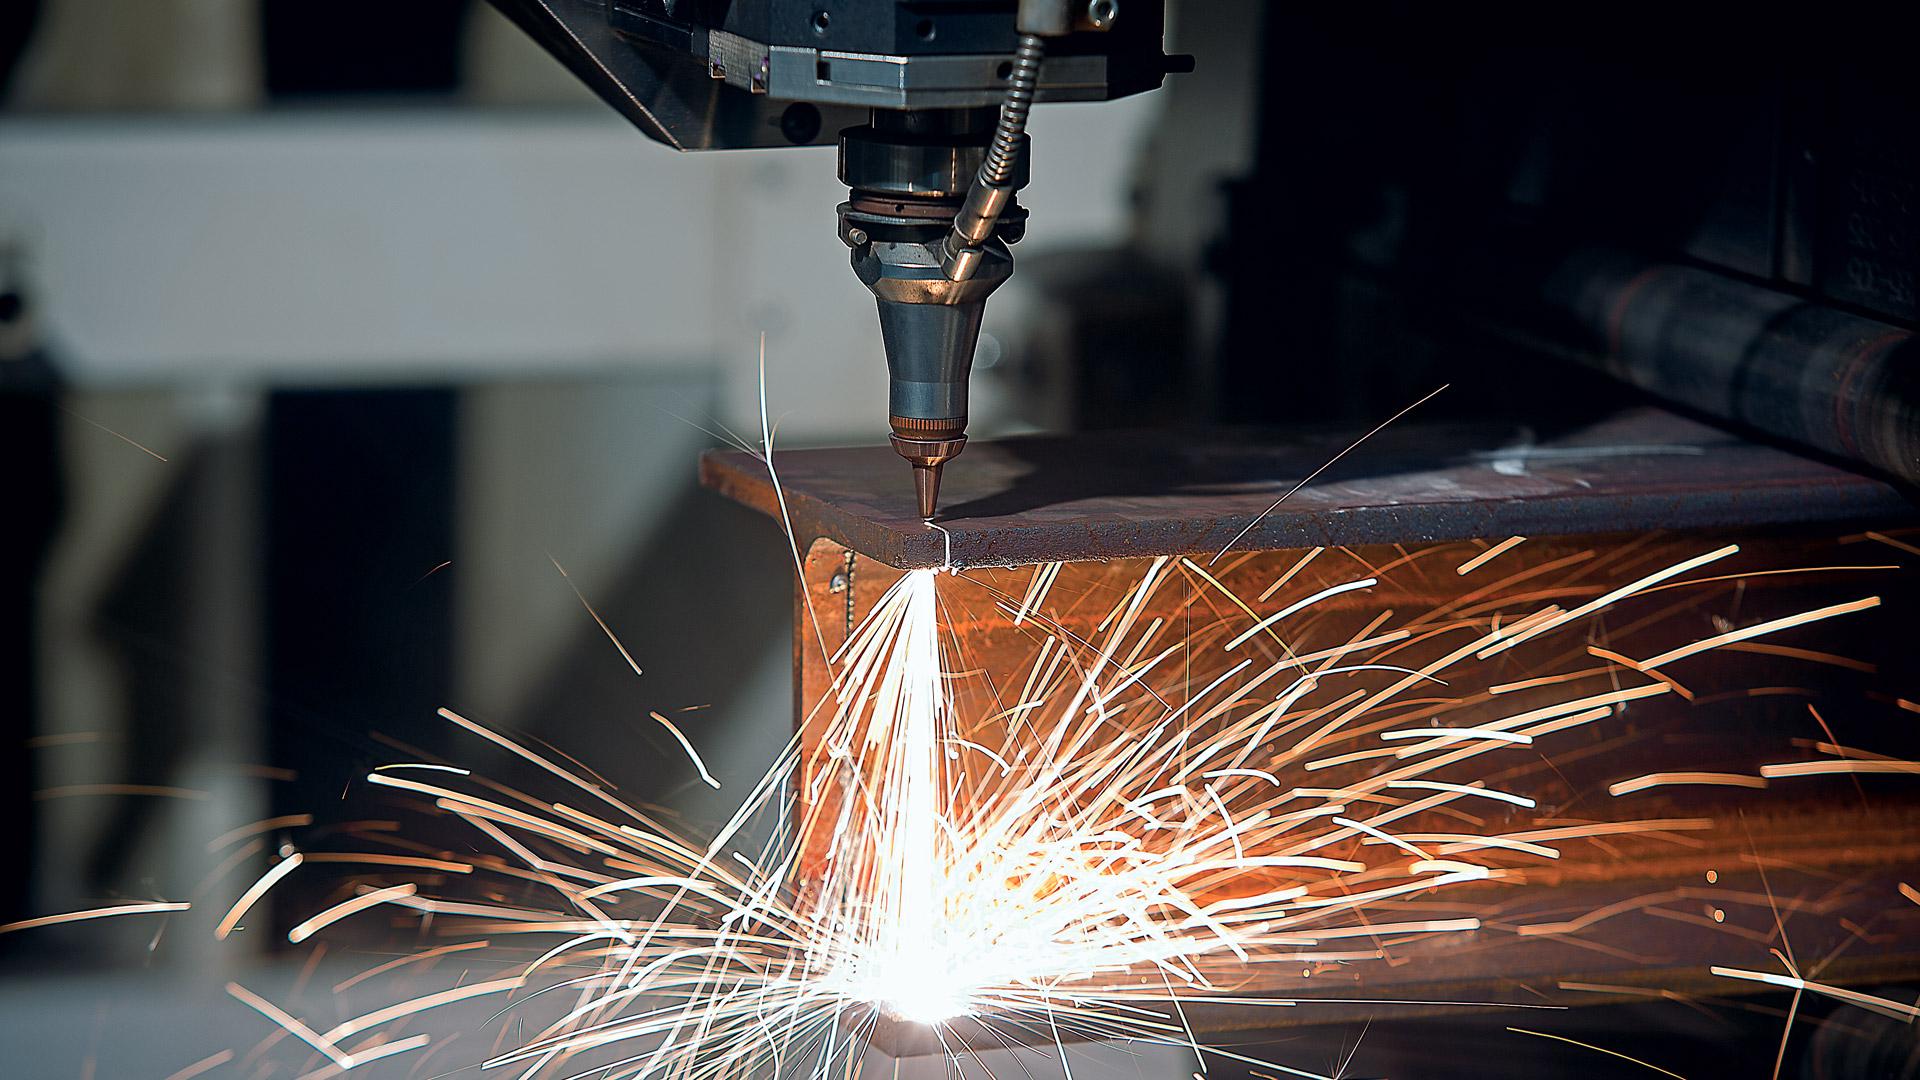 Taglio laser travi acciaio CMM